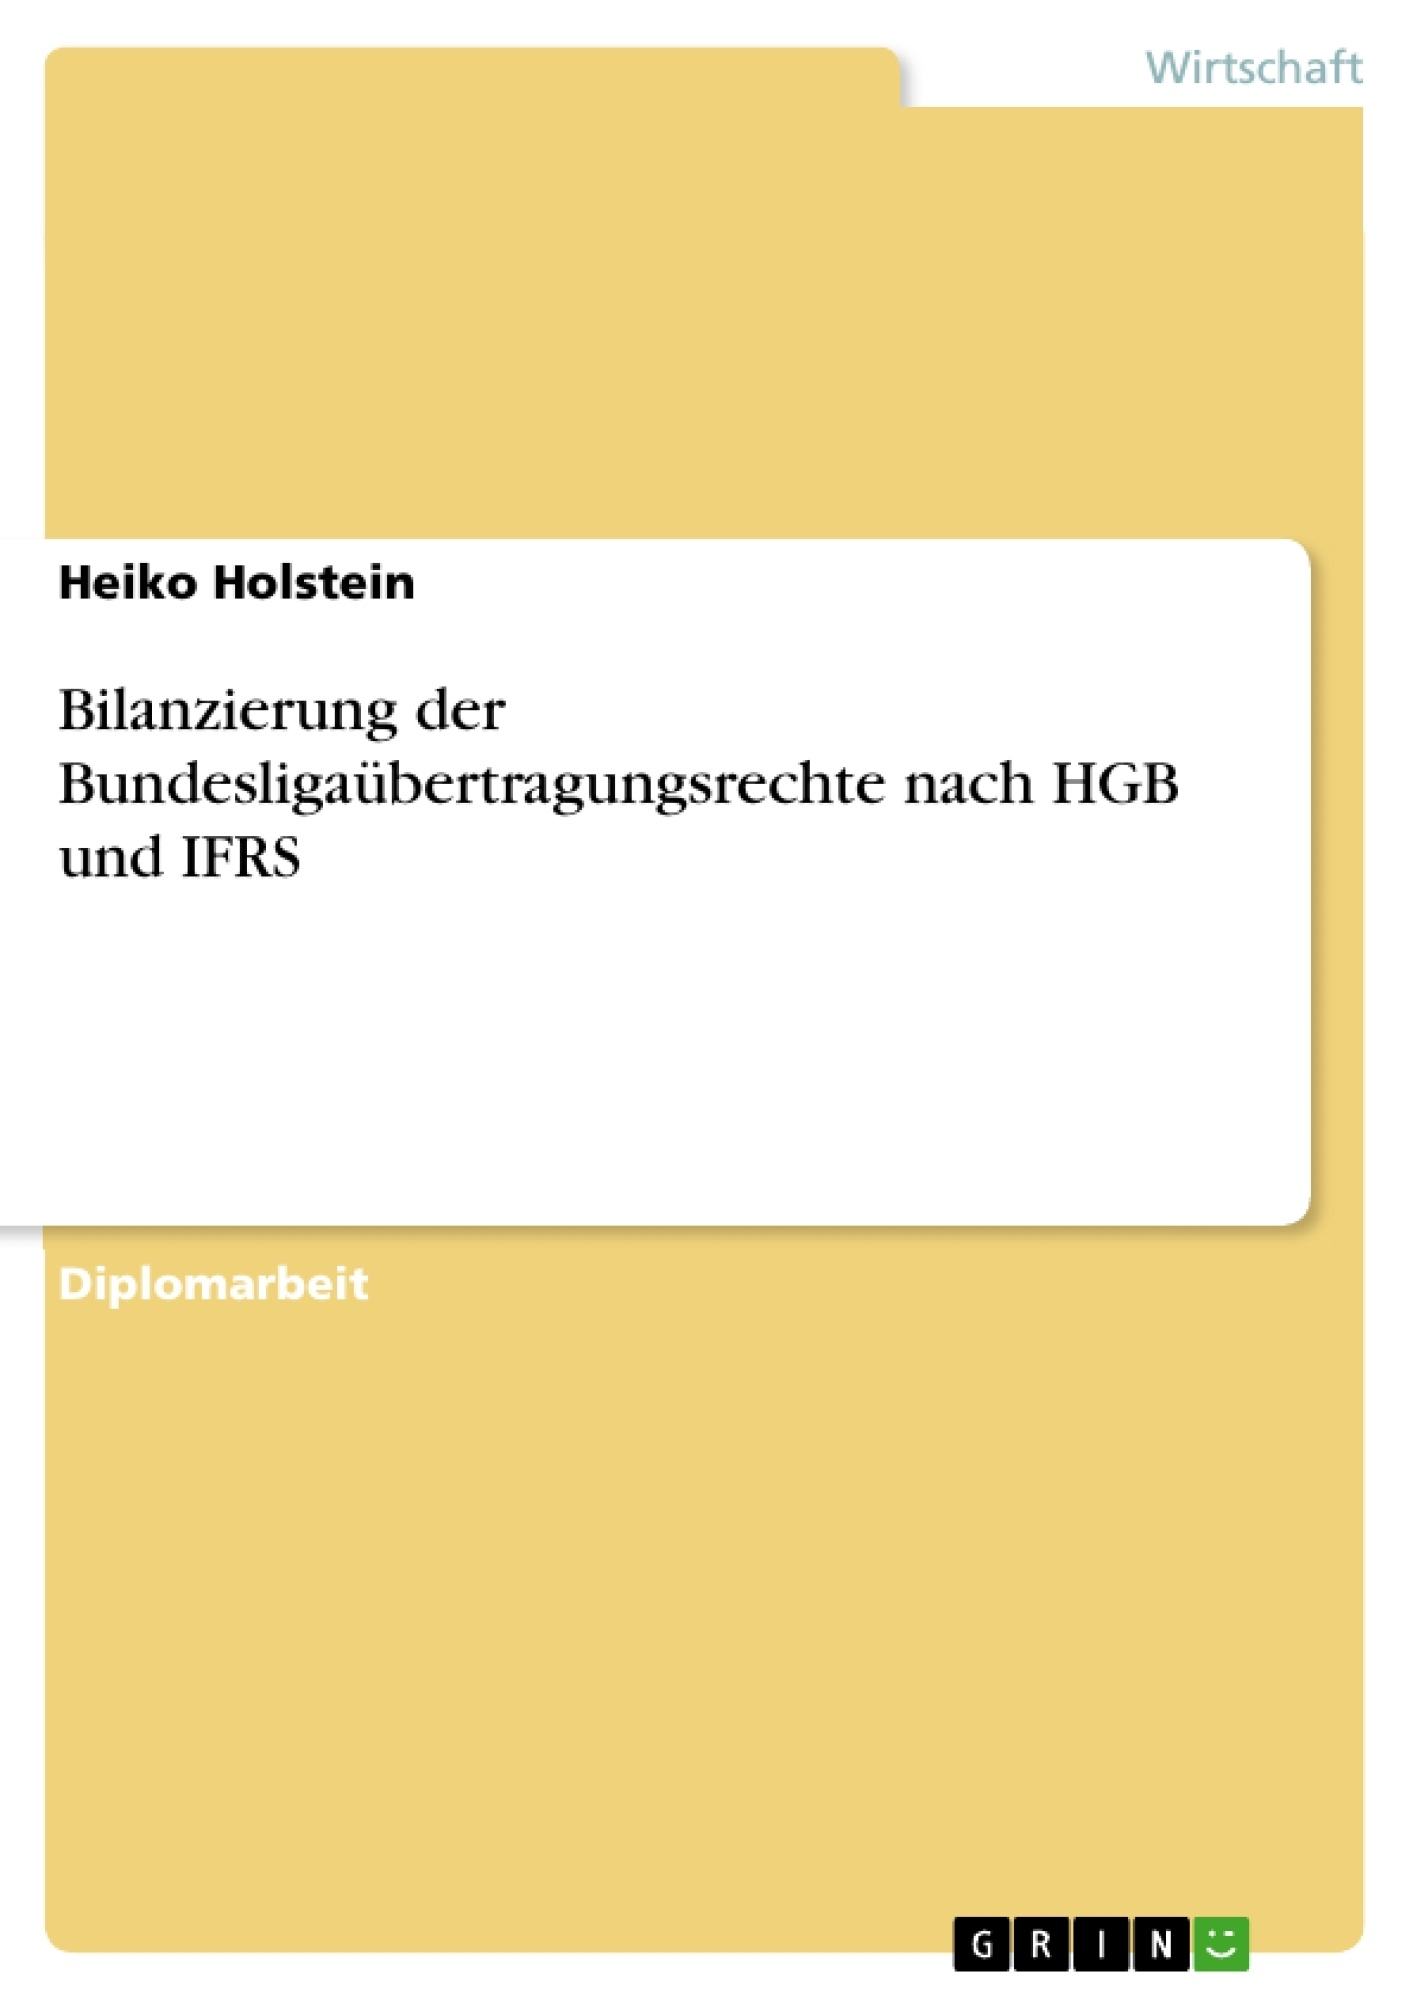 Titel: Bilanzierung der Bundesligaübertragungsrechte nach HGB und IFRS